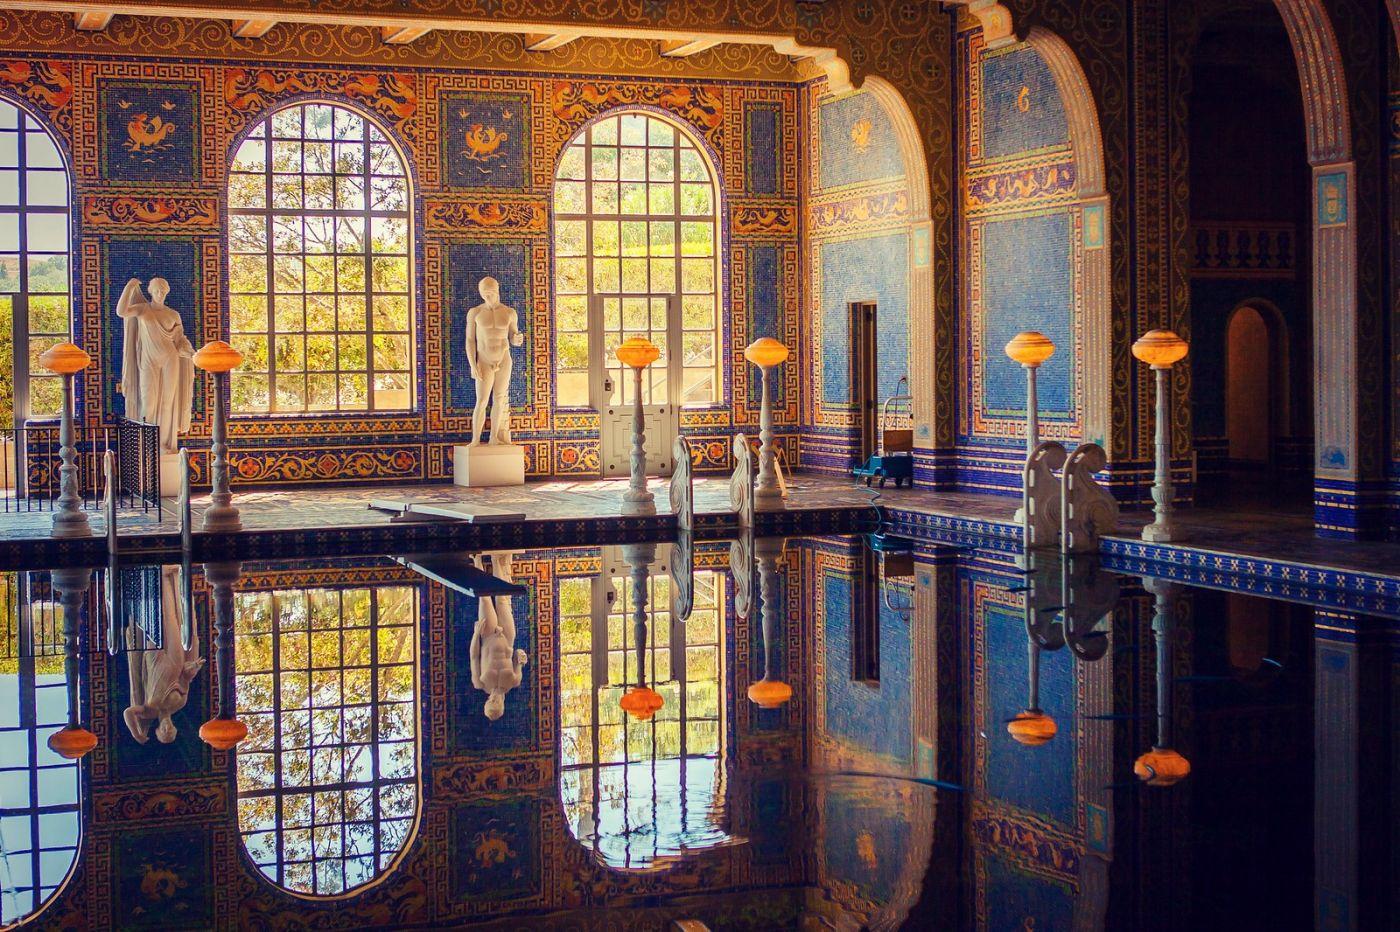 加州赫斯特城堡,主人的游泳池很开眼_图1-1